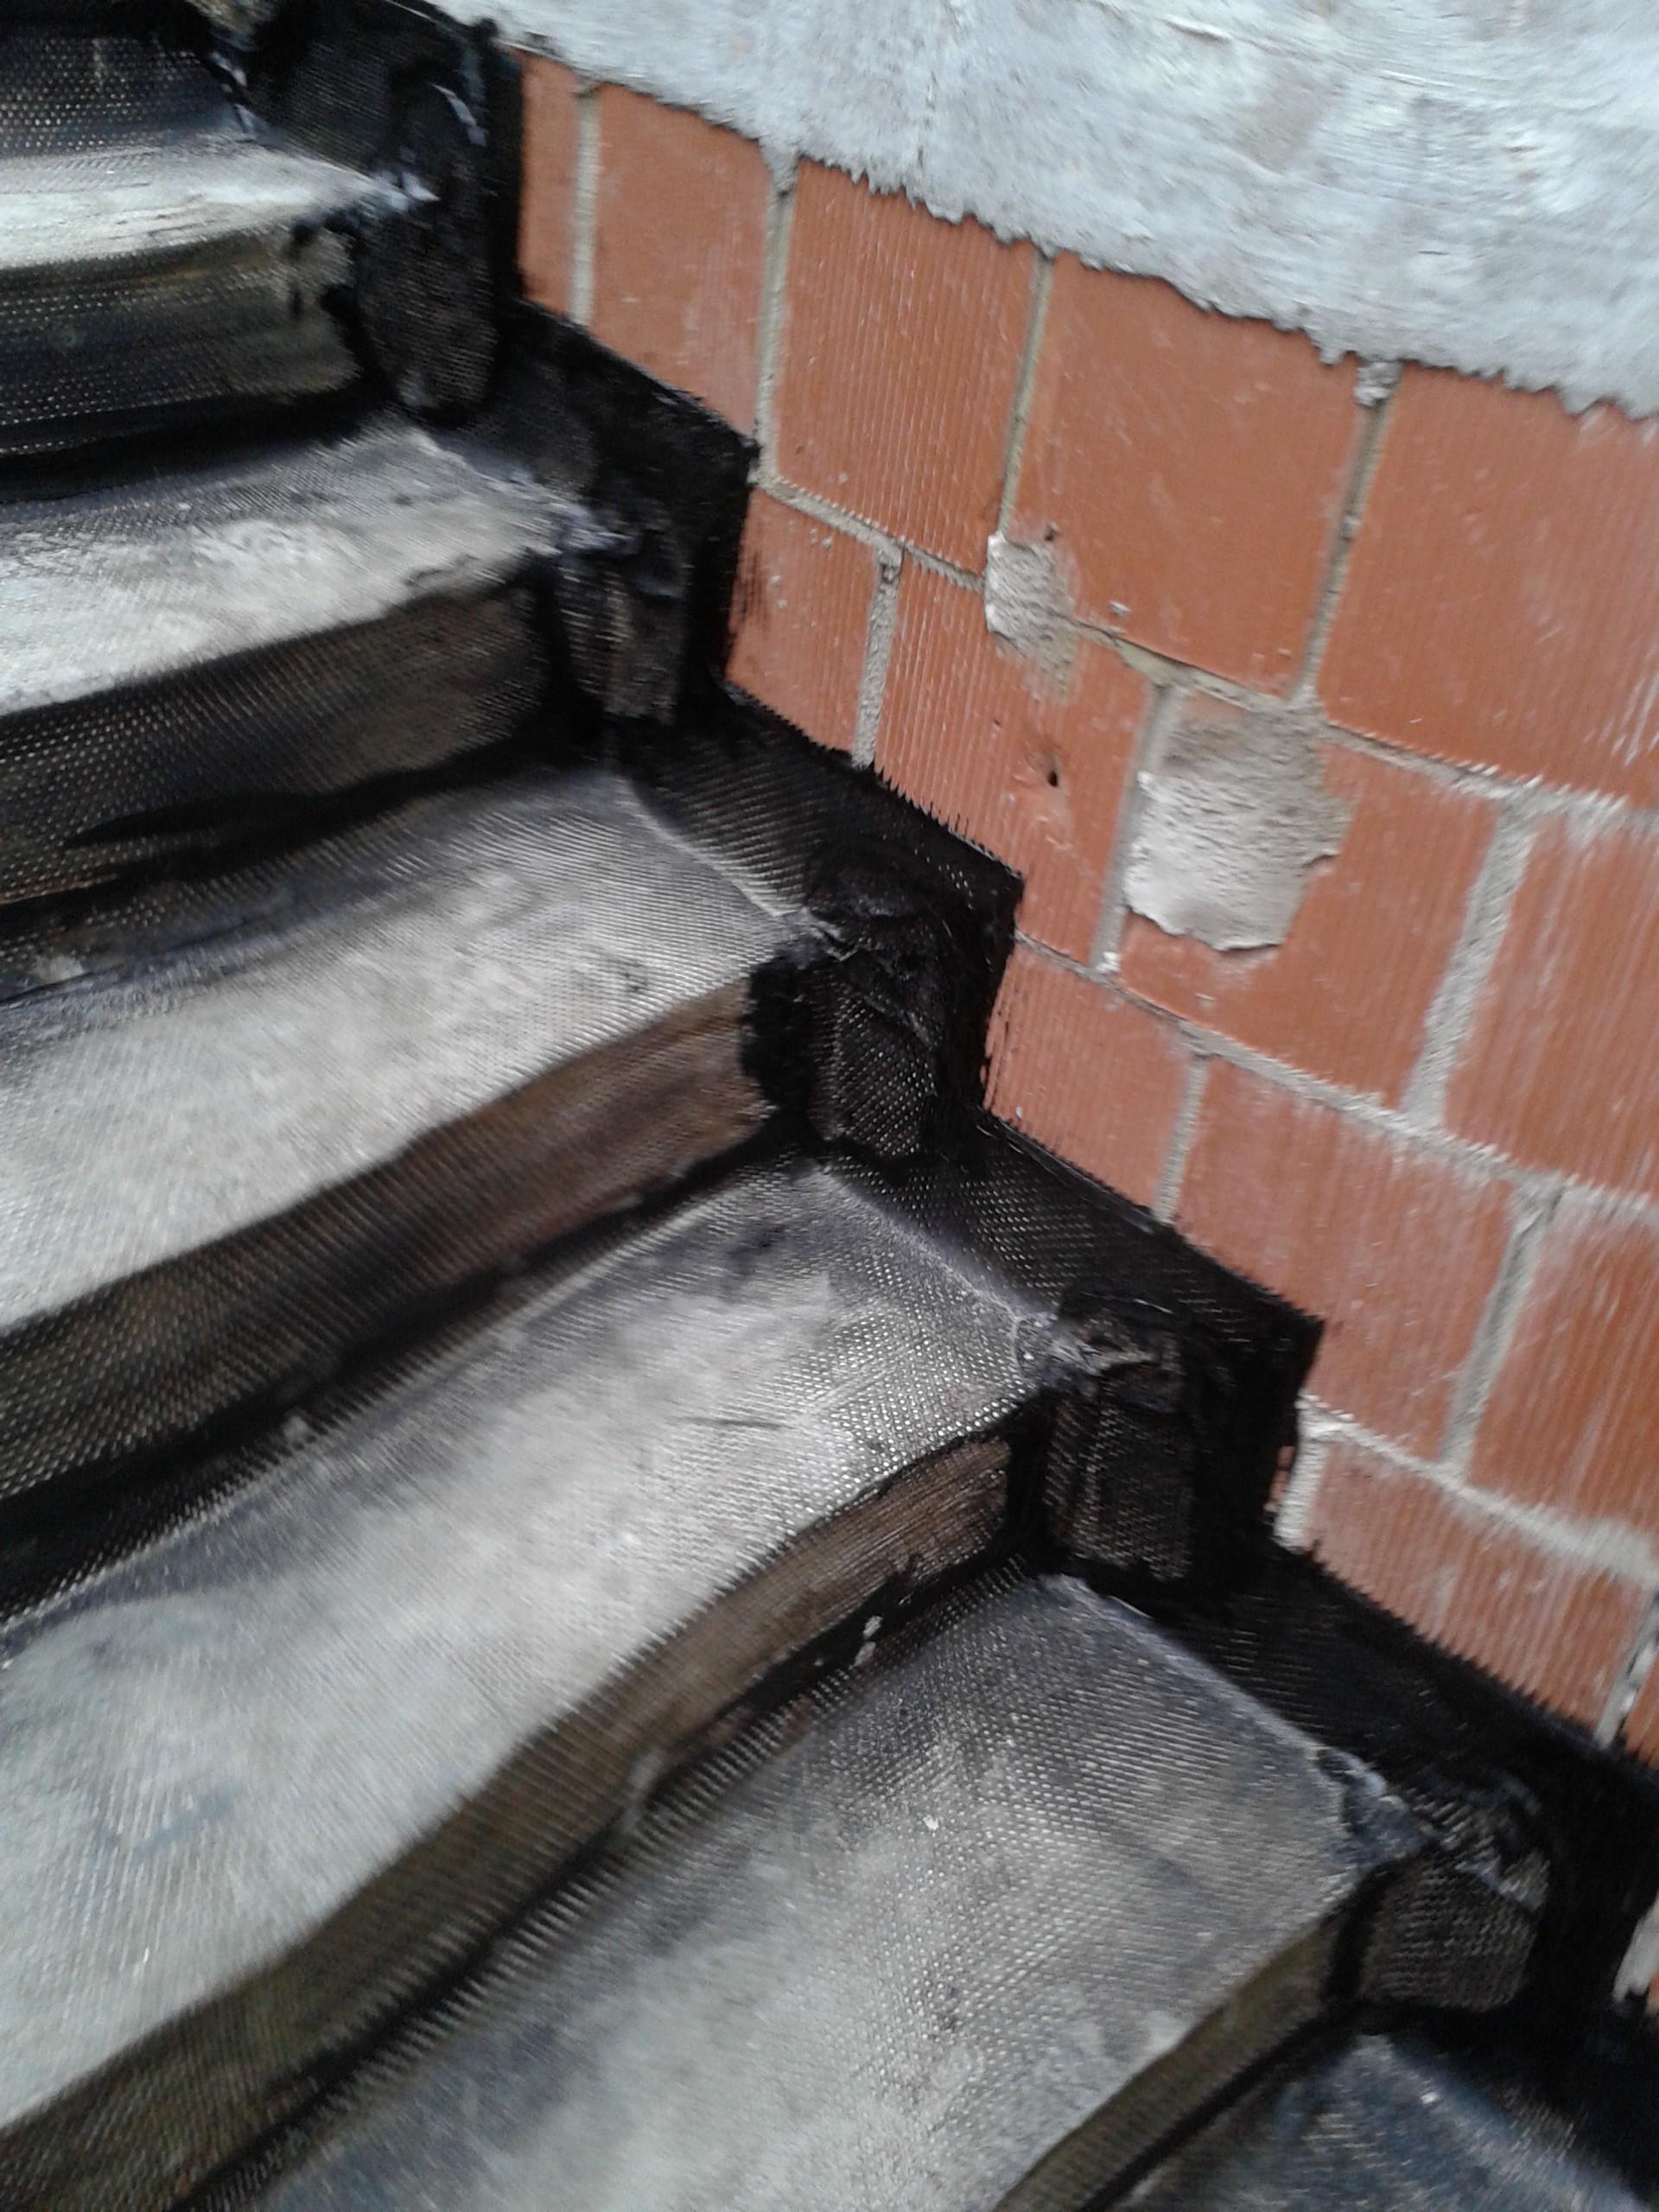 Impermeabilizzazioni edil asfalti coperture edil - Impermeabilizzazione scale esterne ...